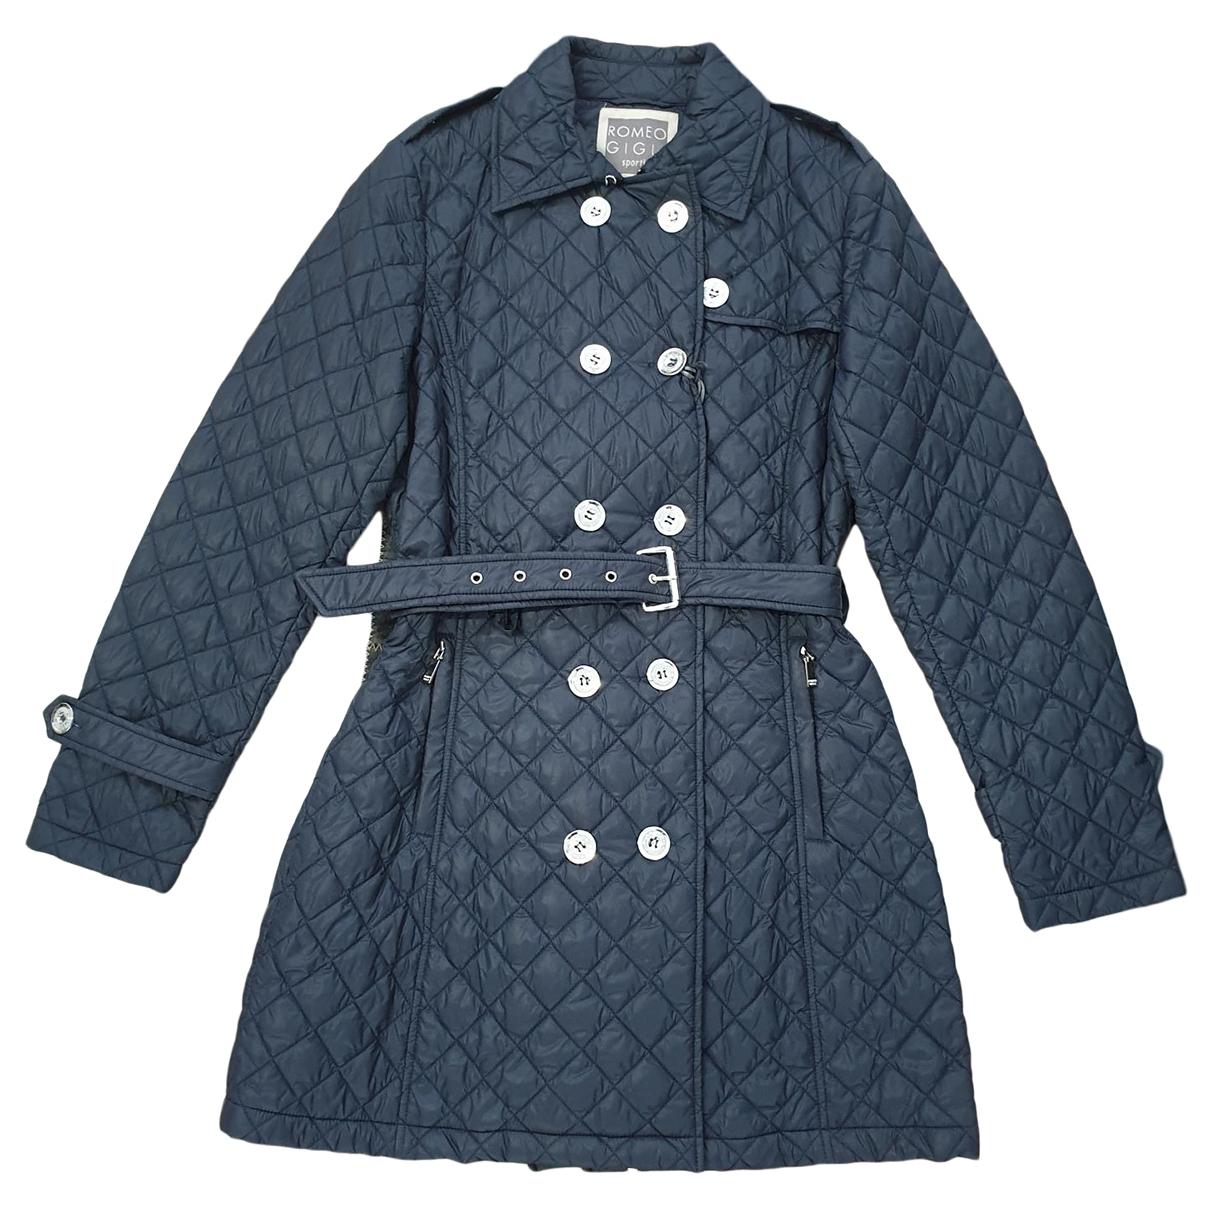 Romeo Gigli - Manteau   pour femme - bleu